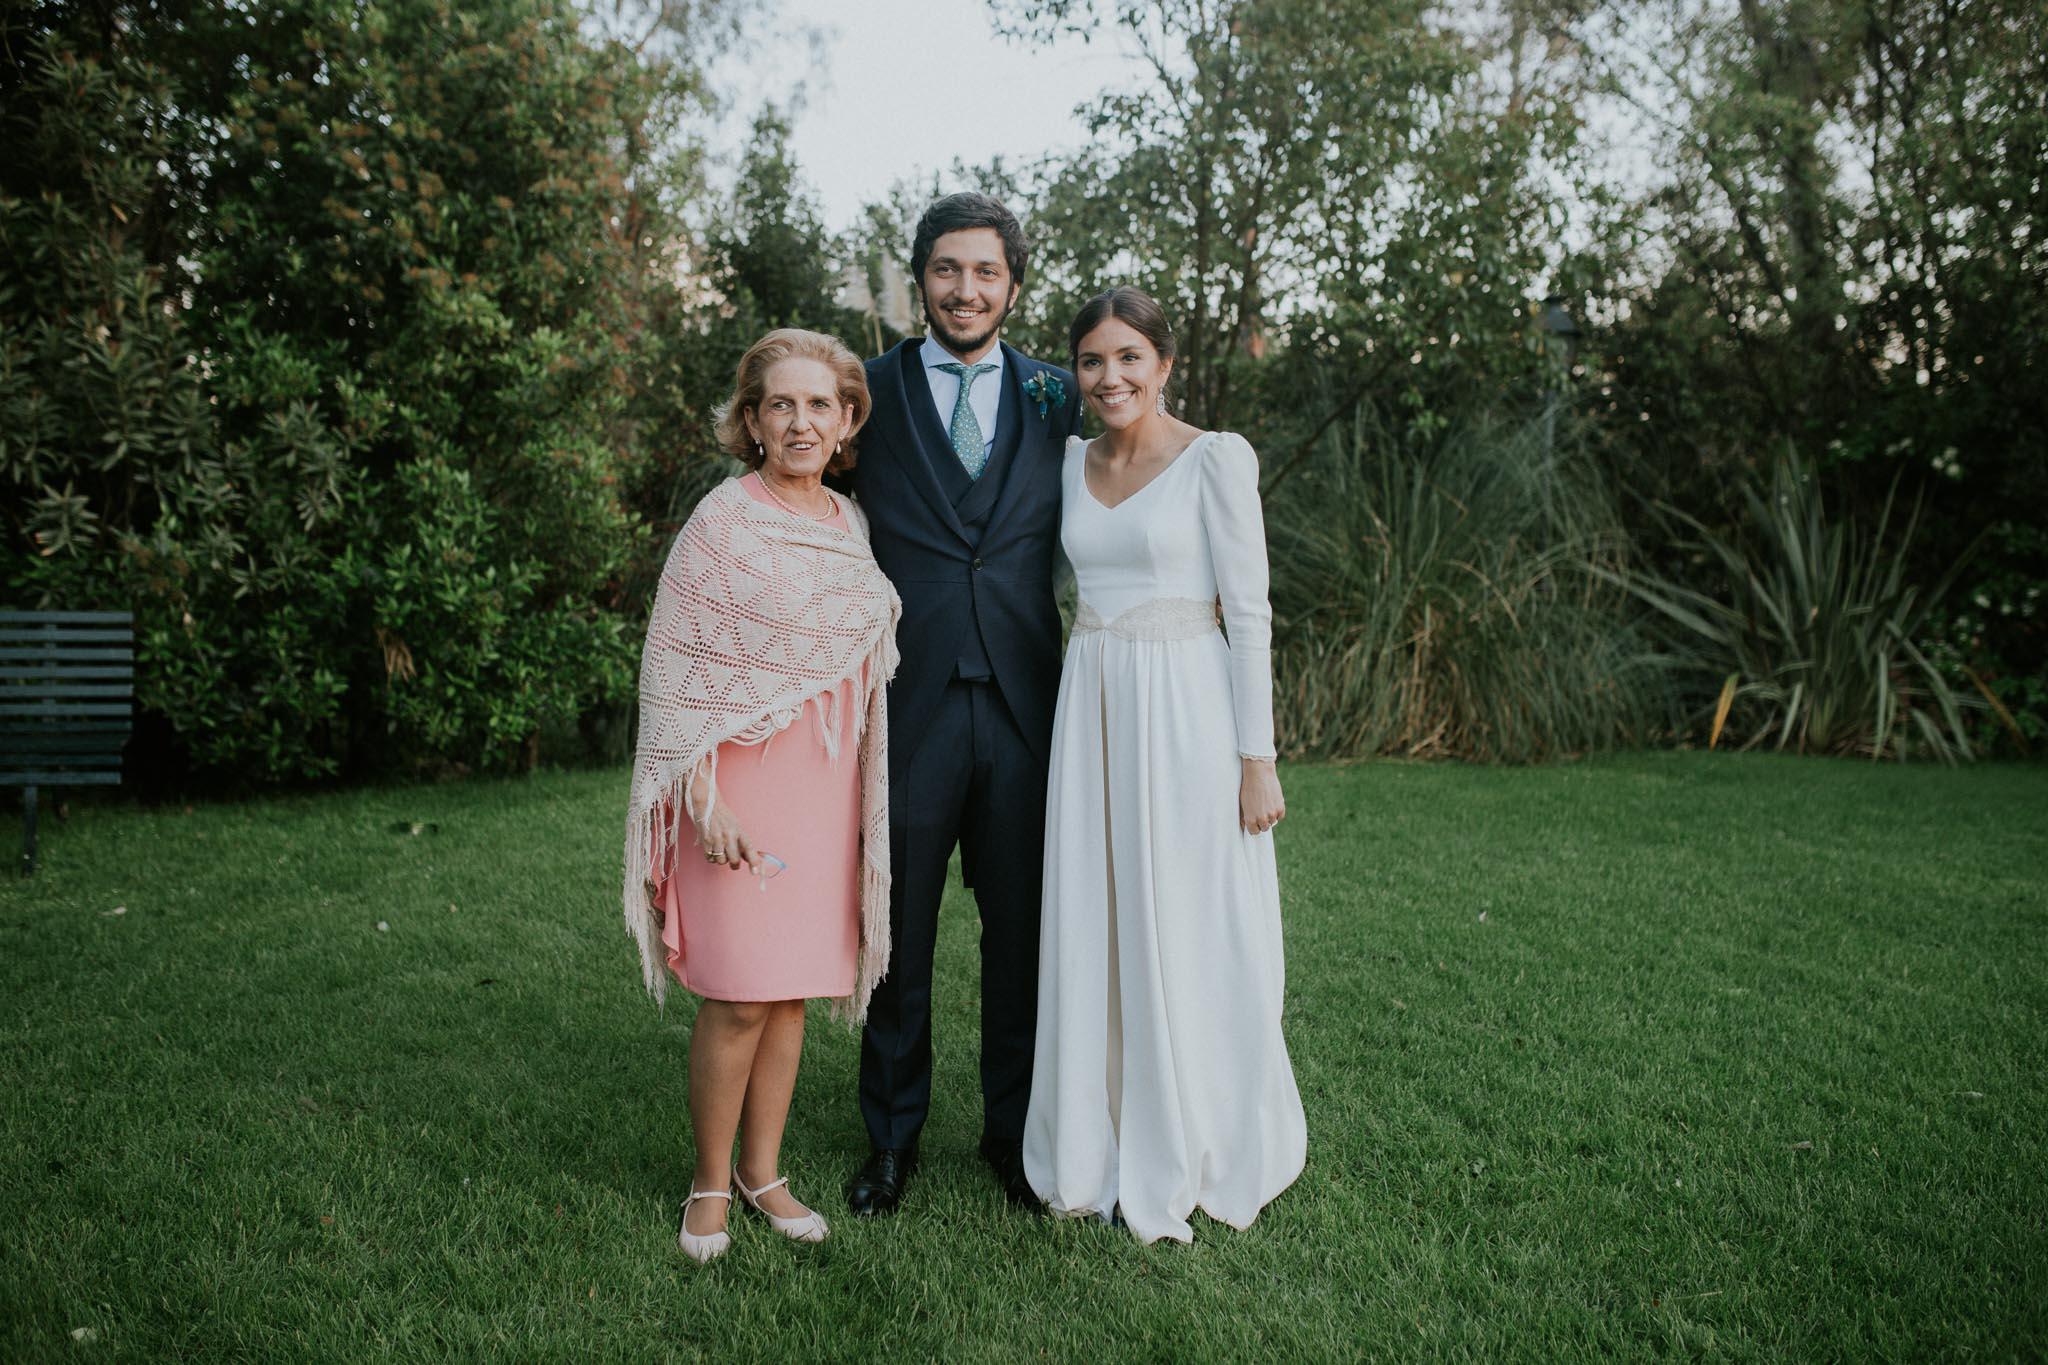 fotografia-boda-luguille-concorazon-102